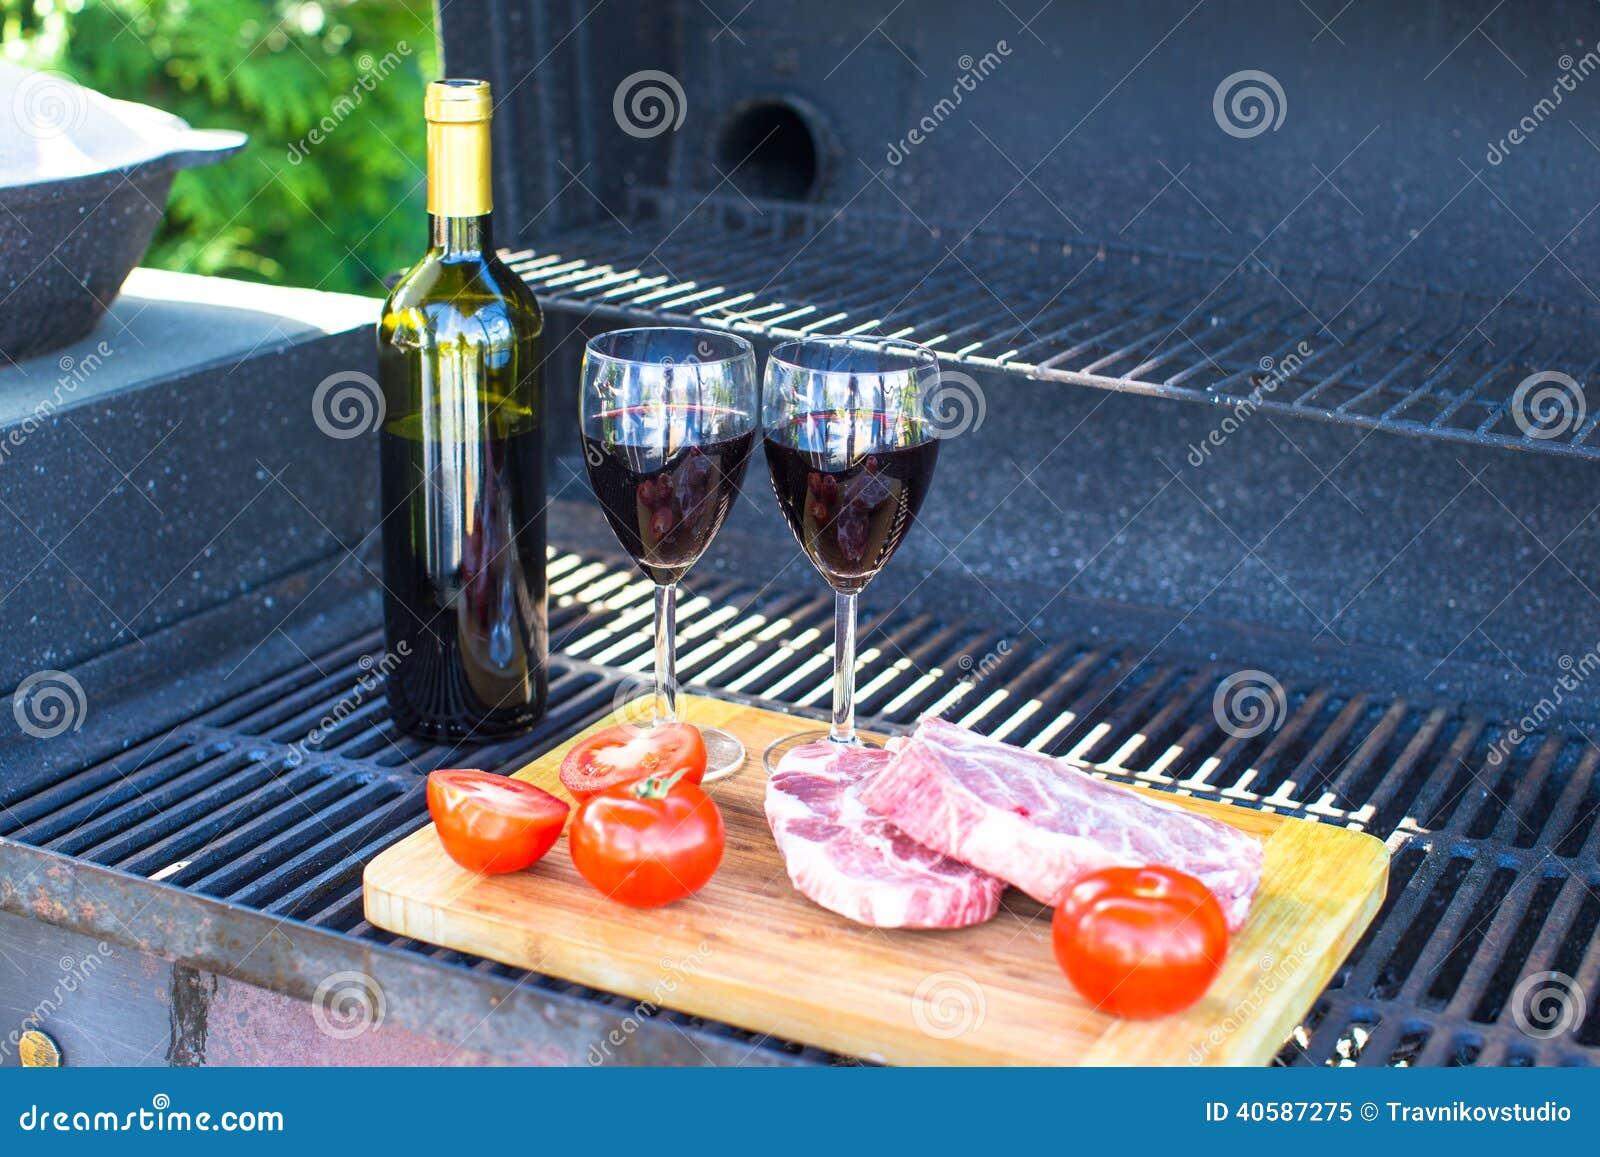 Свежее мясо, овощи и бутылка вина на пикнике outdoors